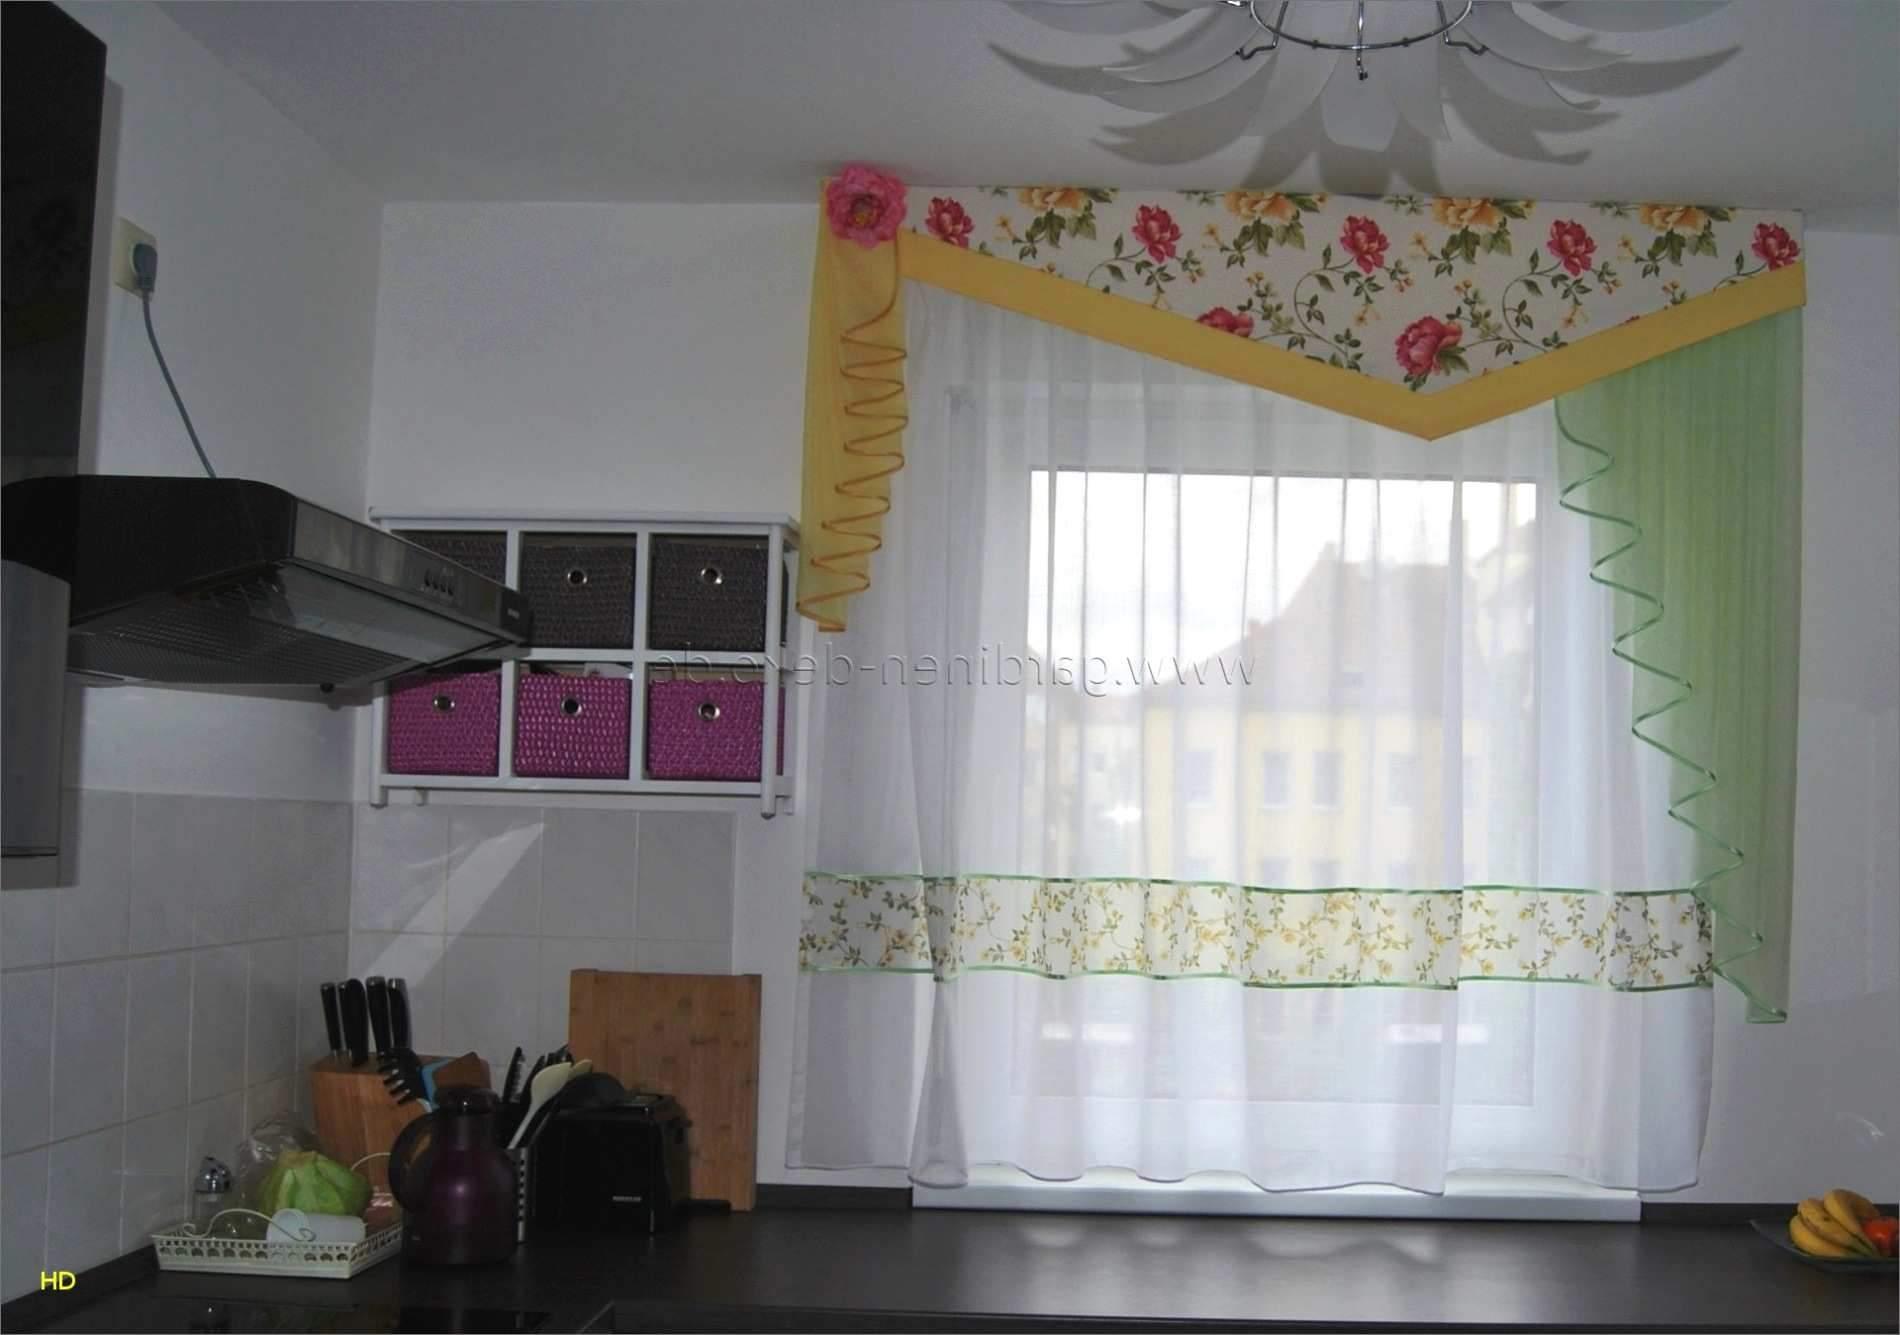 Full Size of Gardinen Stores Für Wohnzimmer Inspirierend Küche Vorhänge Ideen Küche Gardinen Küche